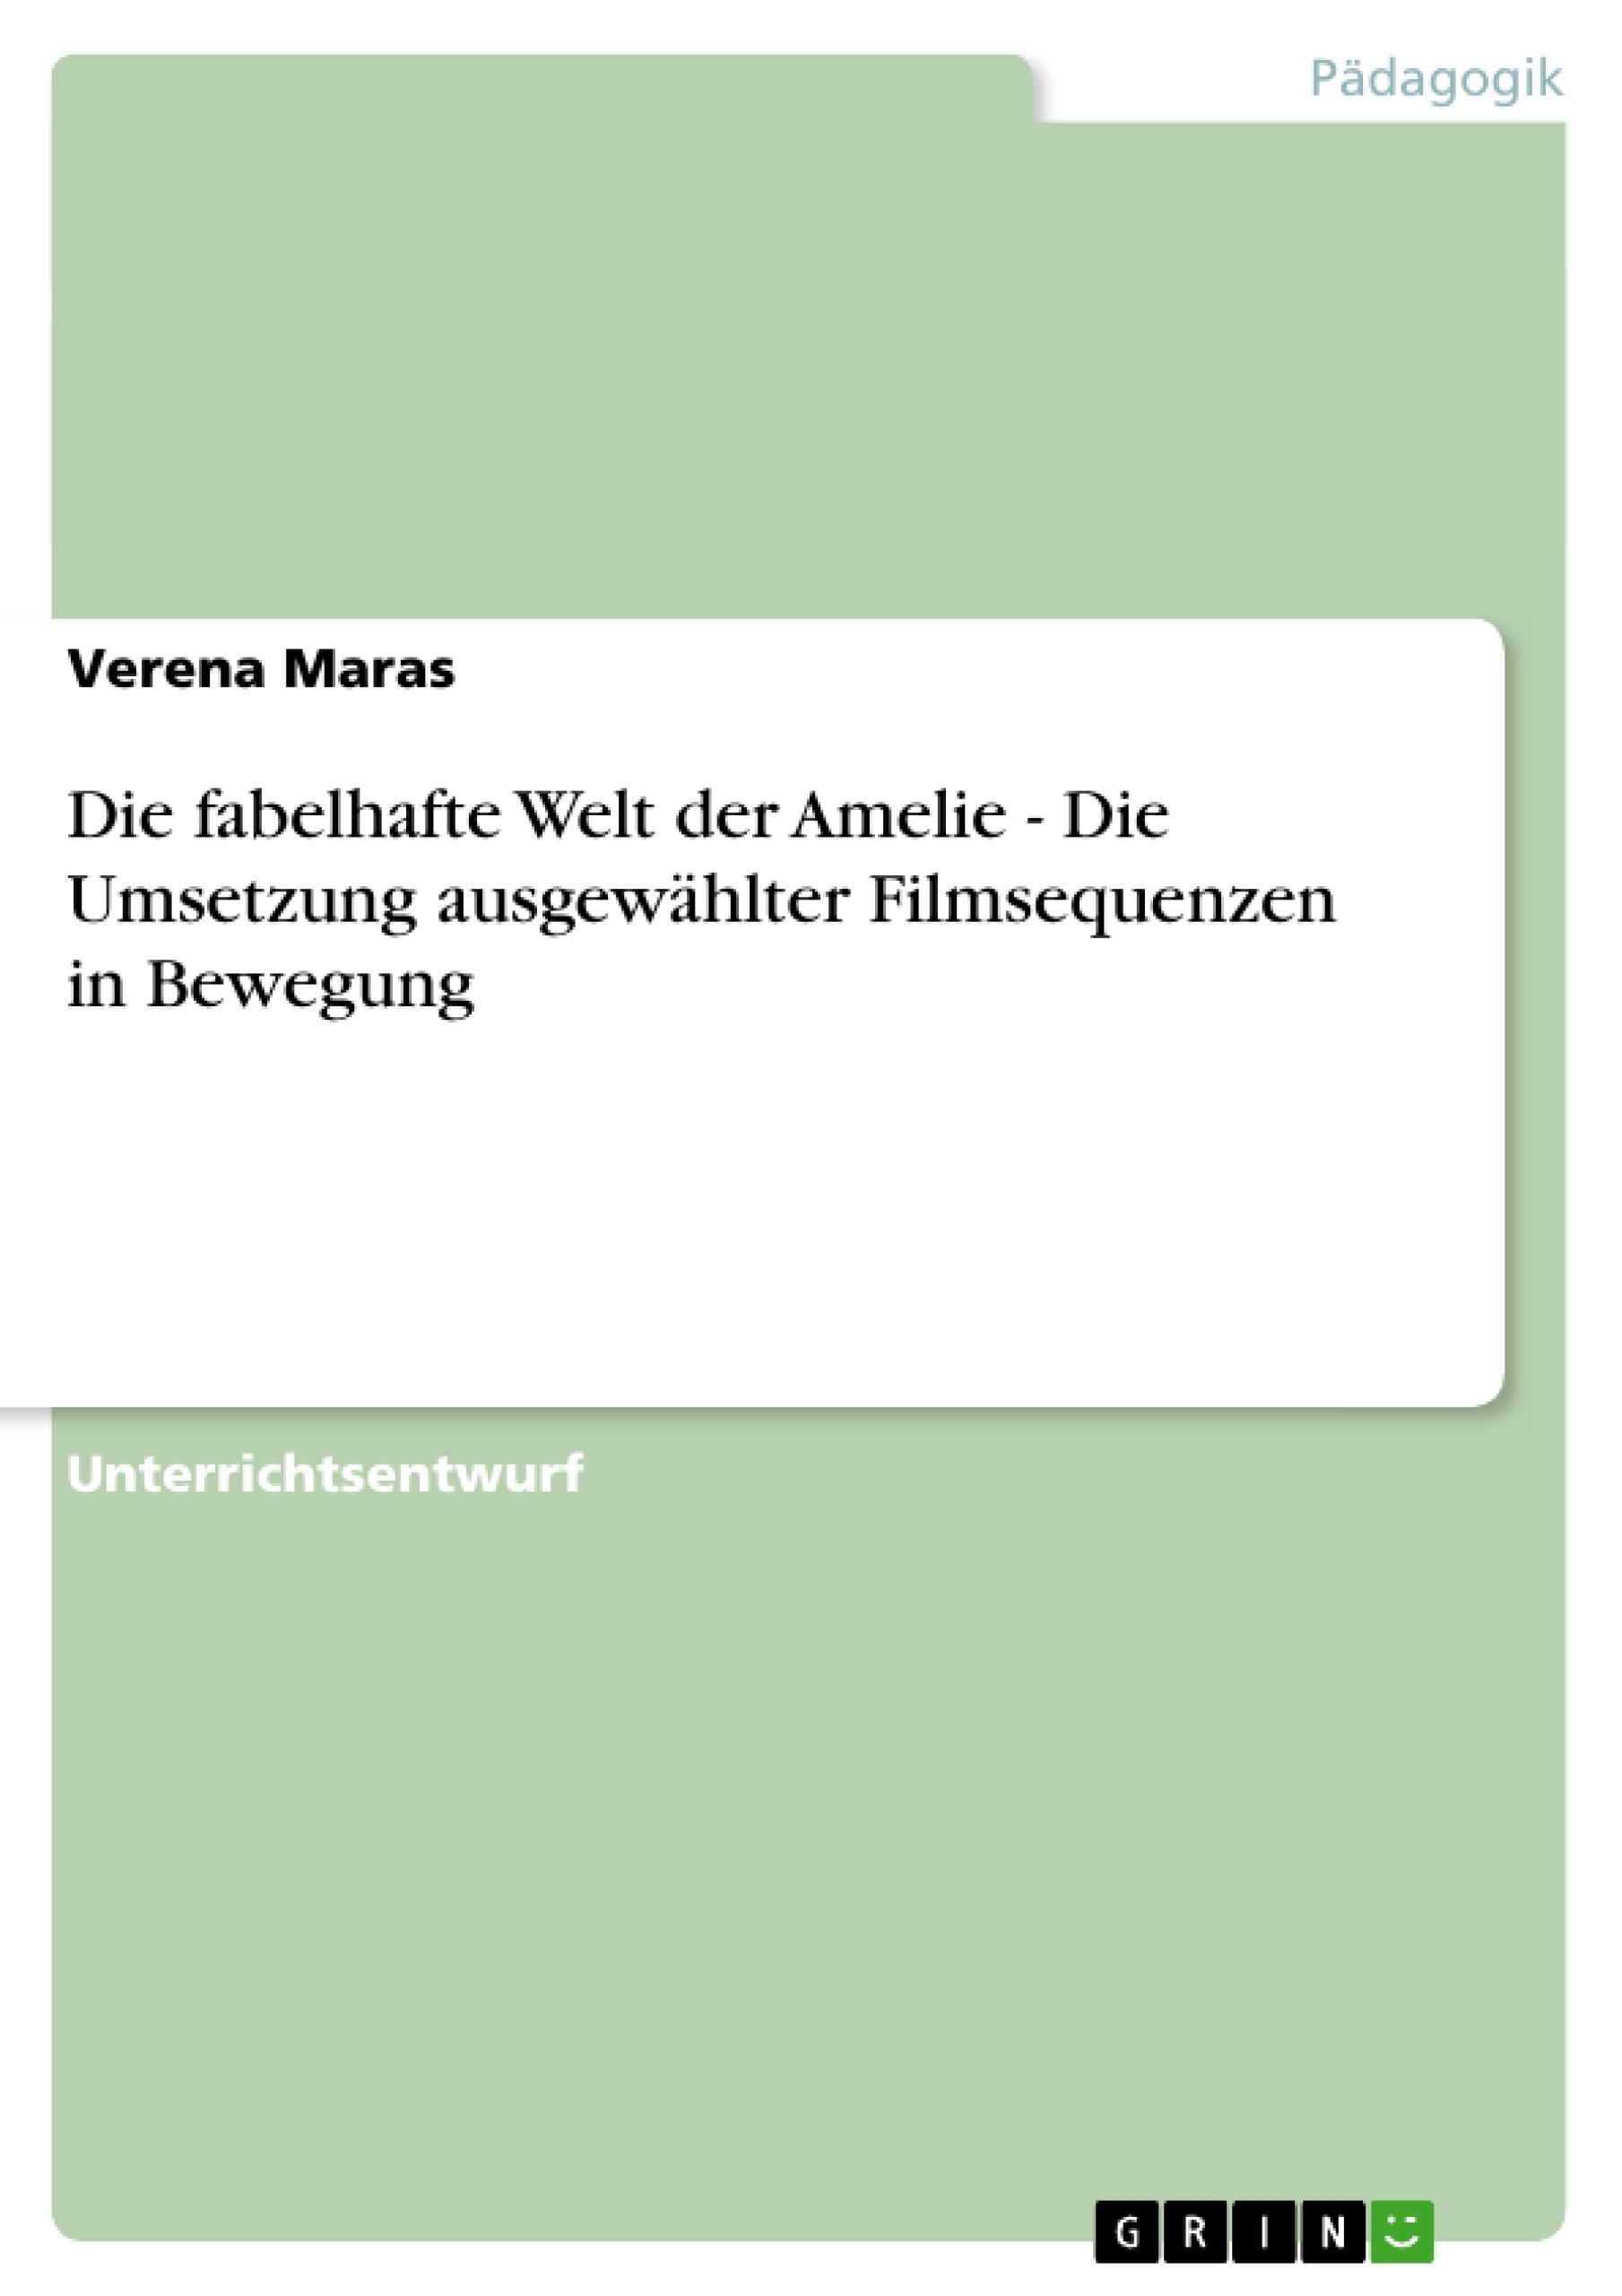 Titel: Die fabelhafte Welt der Amelie - Die Umsetzung ausgewählter Filmsequenzen in Bewegung